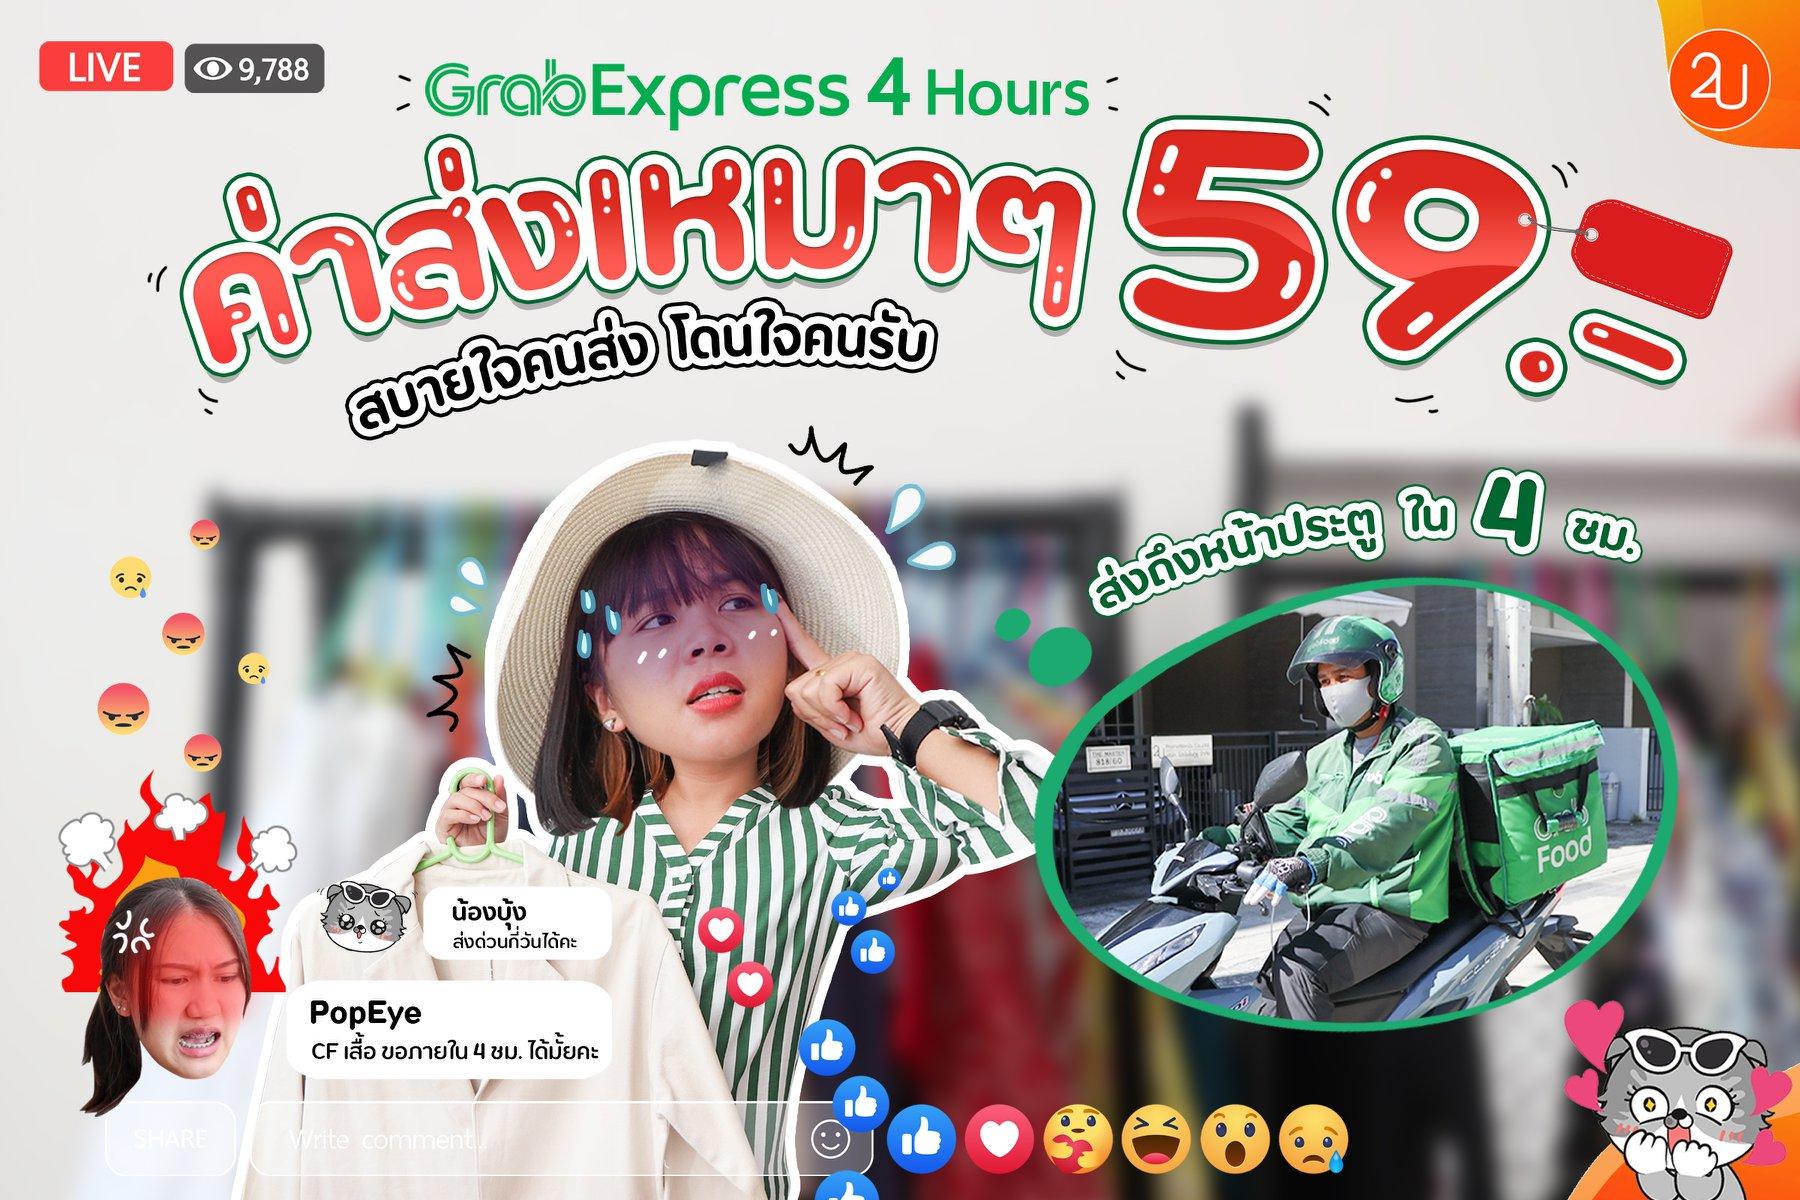 GrabExpress 4 Hours ส่งด่วนภายใน 4 ชม. ค่าส่งเหมาๆ 59.-